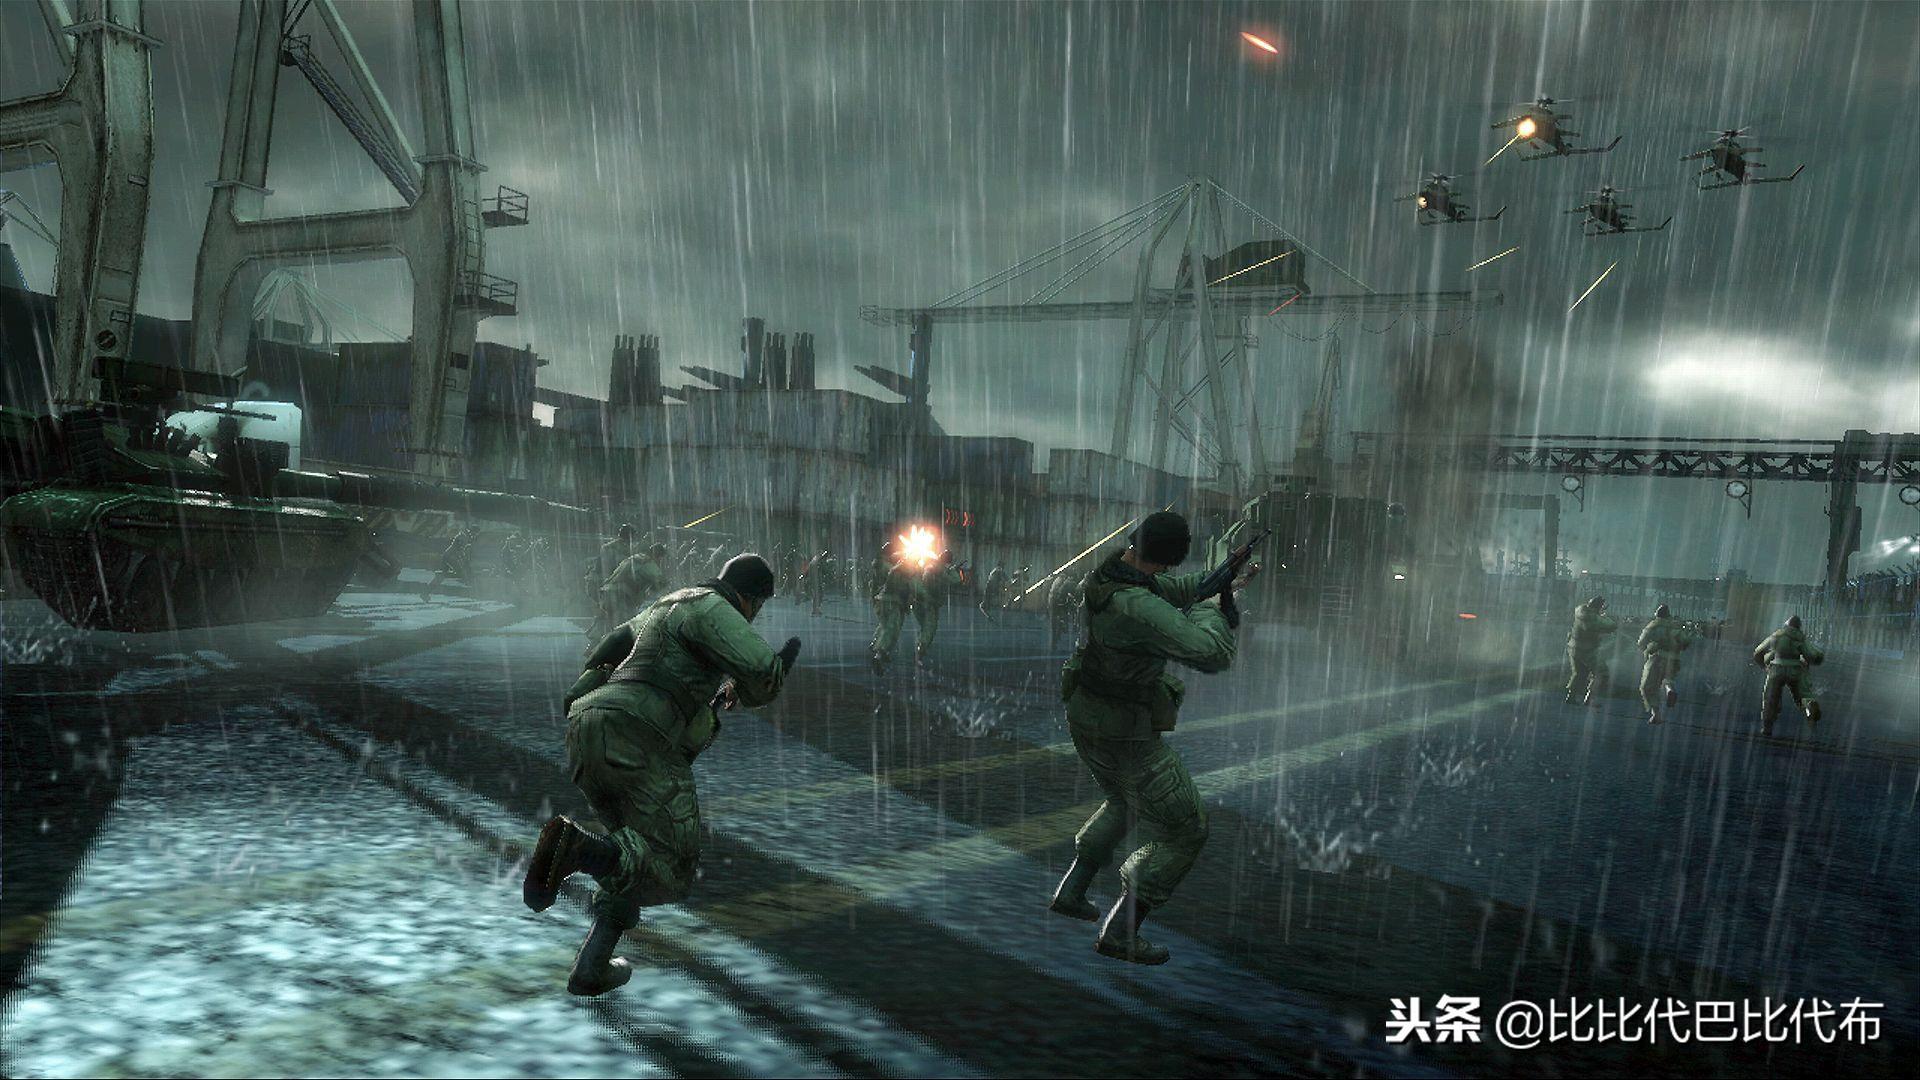 游戏史上的今天:《汤姆·克兰西之终结战争》发售